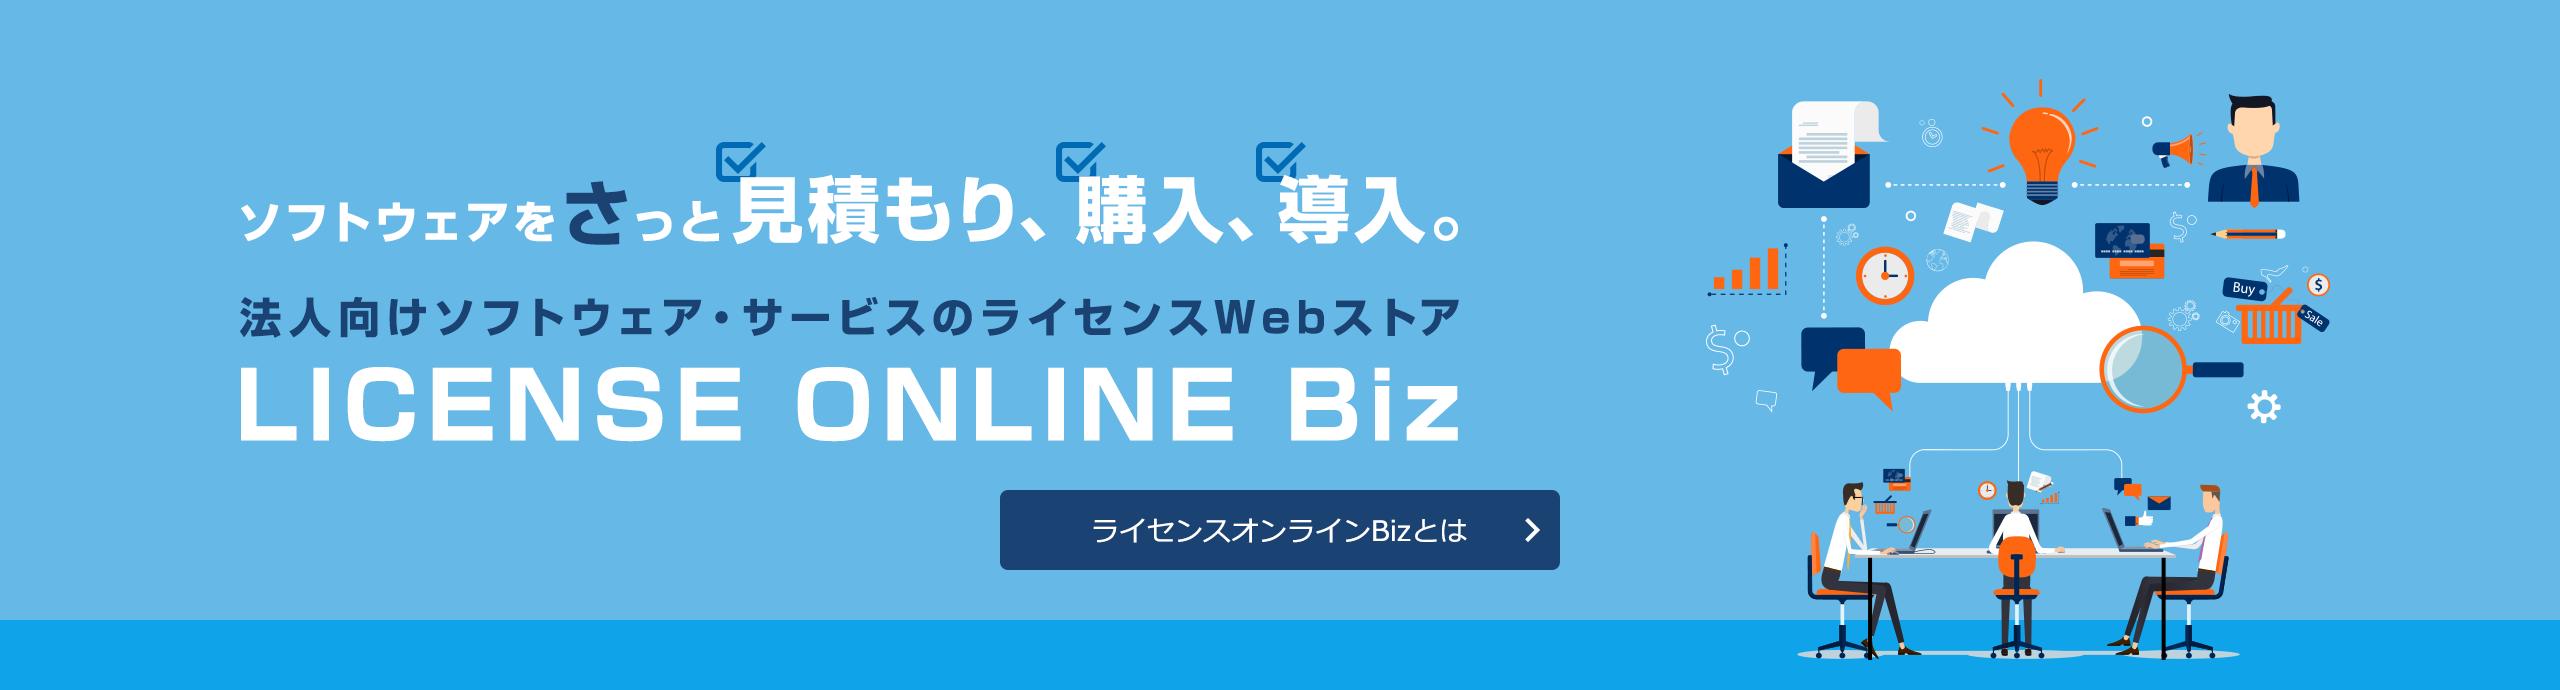 ソフトウェアをさっと見積もり、購入、導入。 法人向けソフトウェア・サービスのライセンスWebストア LICENSE ONLINE Biz